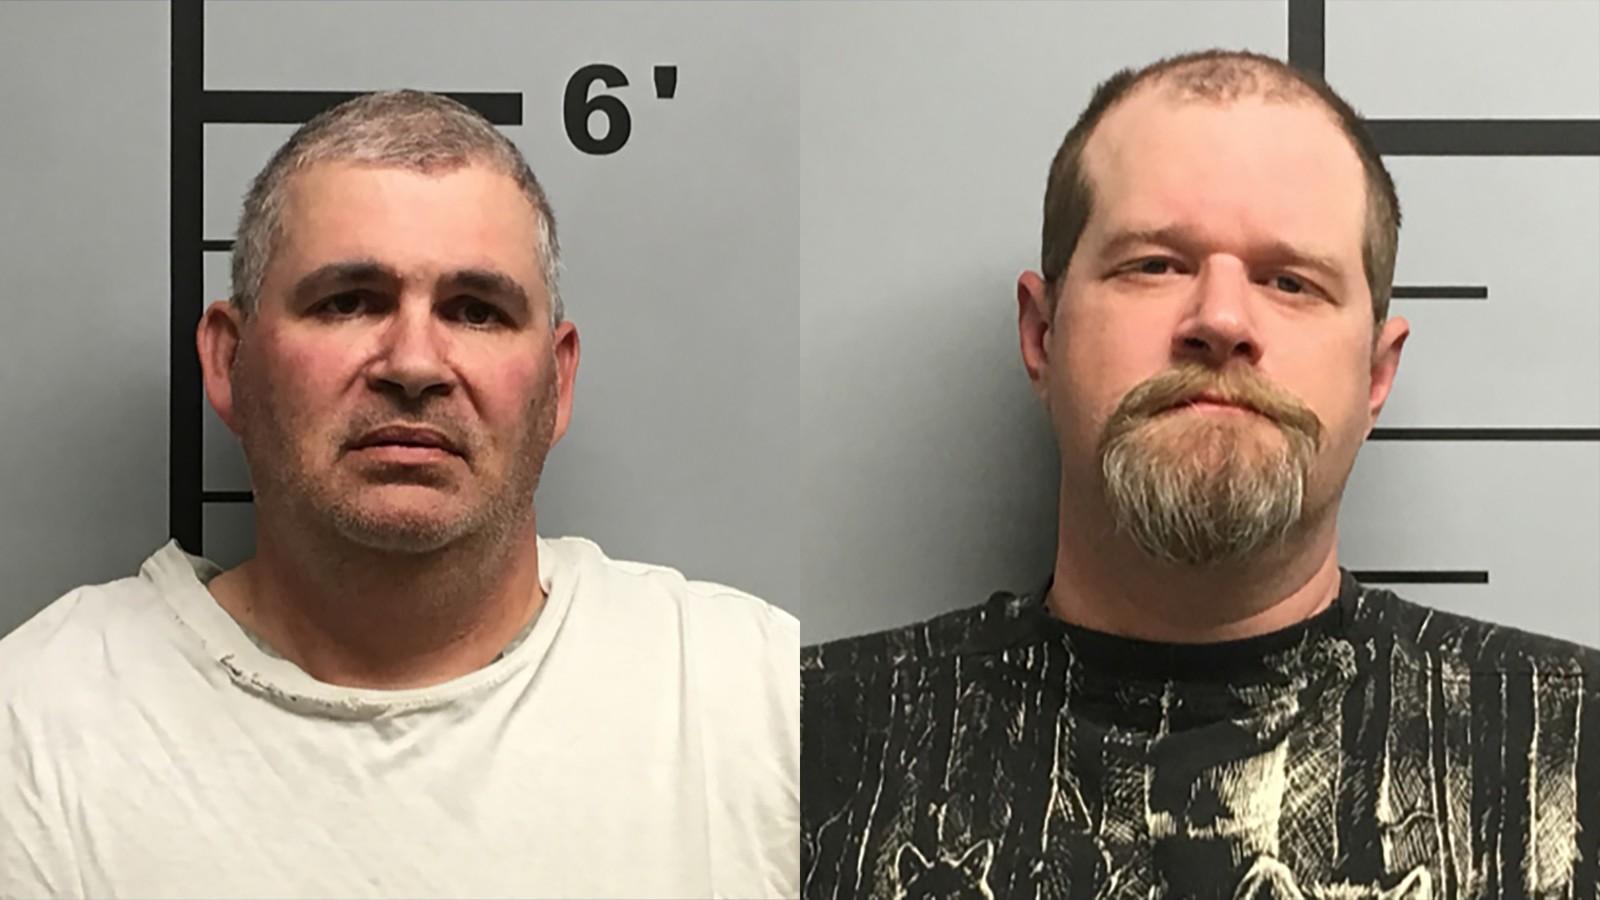 Два пьяных американца решили проверить бронежилет и расстреляли друг друга из винтовок.